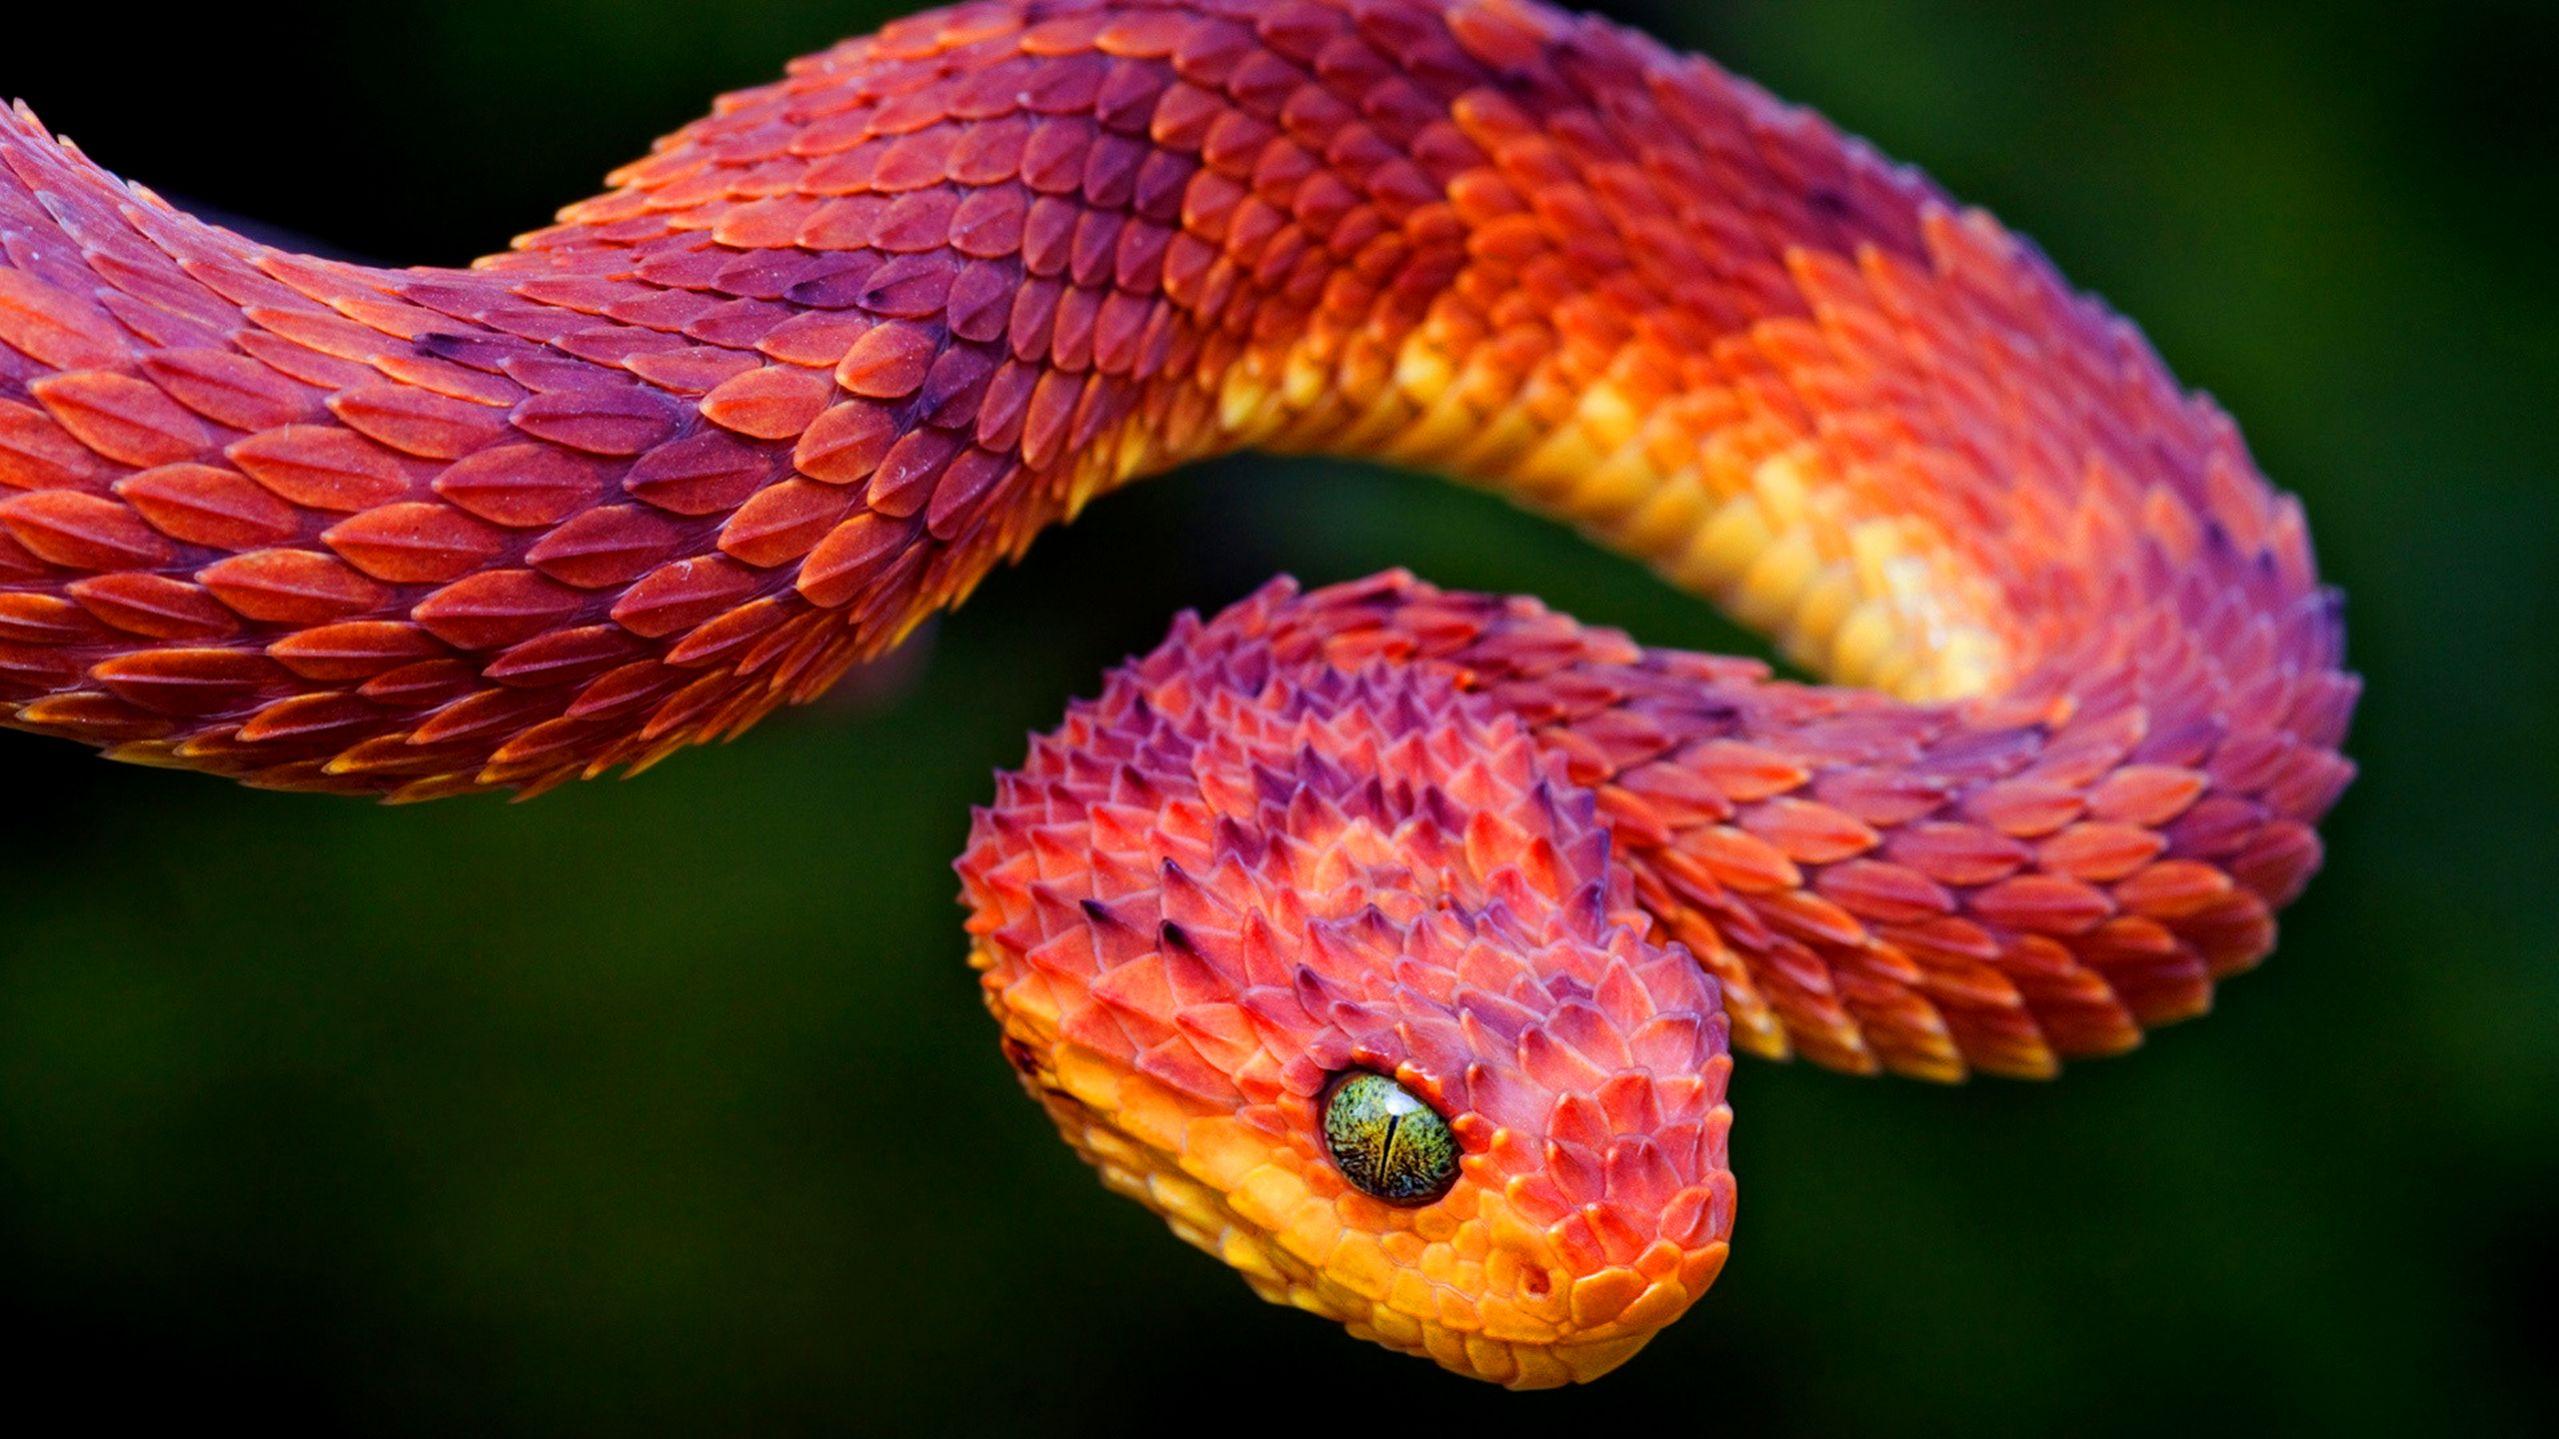 Hóa ra loài rắn trong bản hit mà Taylor Swift mới tung ra không hề tầm thường - Ảnh 4.